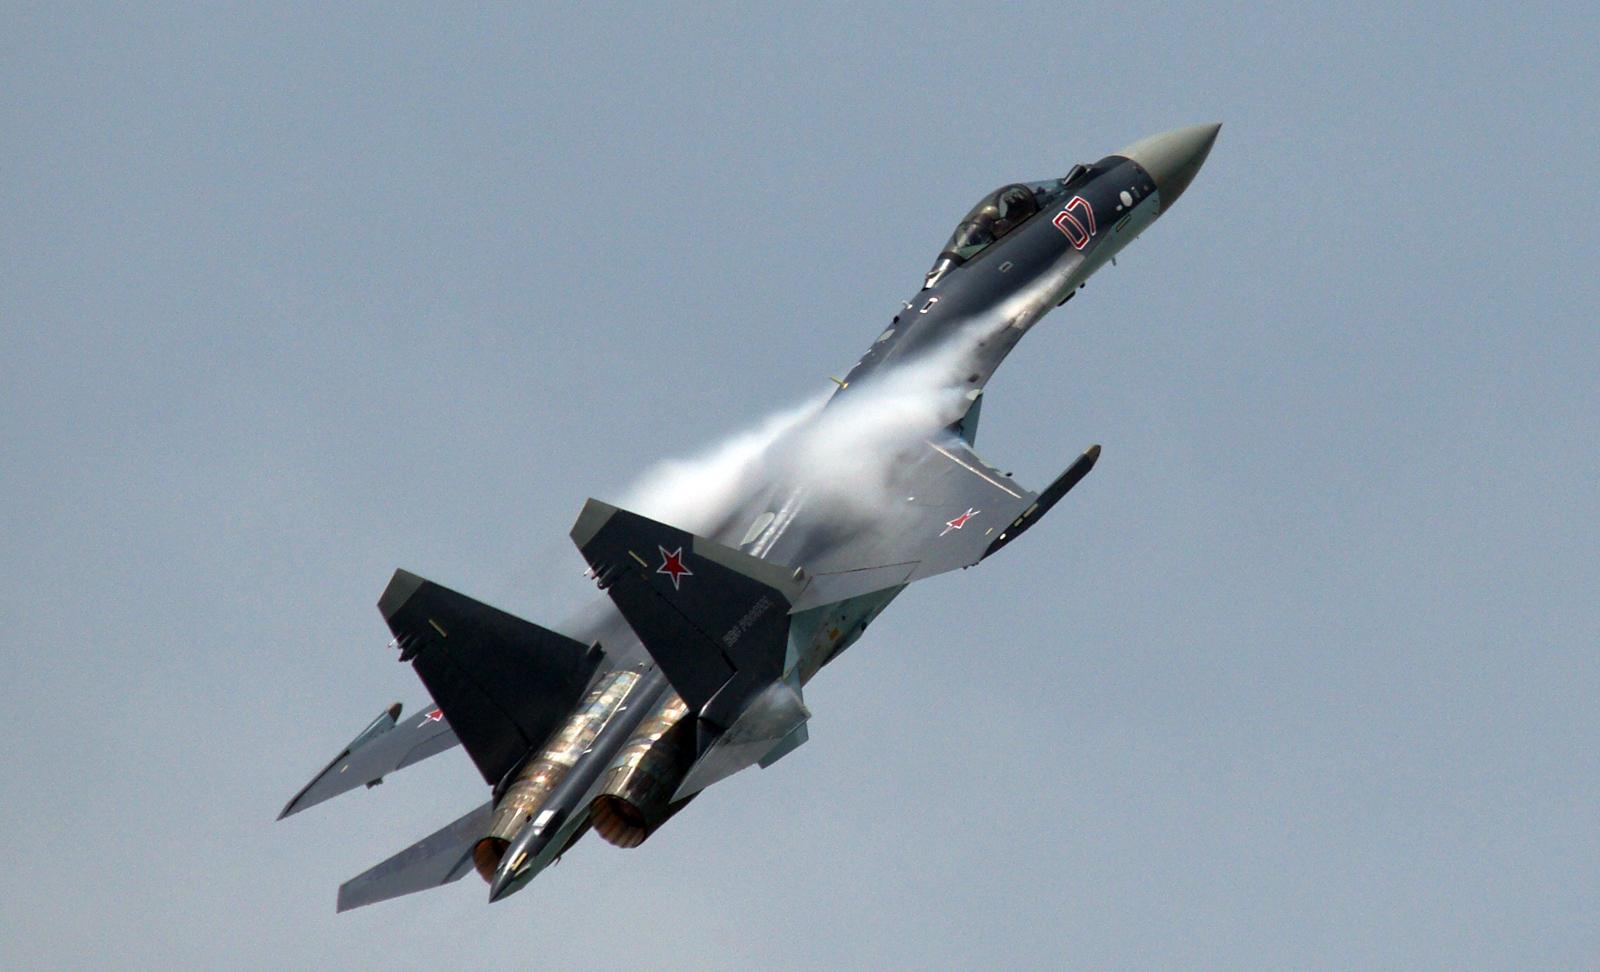 Máy bay chiến đâu Su-35S dài 21,9m, cao 5,9m, sải cánh dài 14,7m